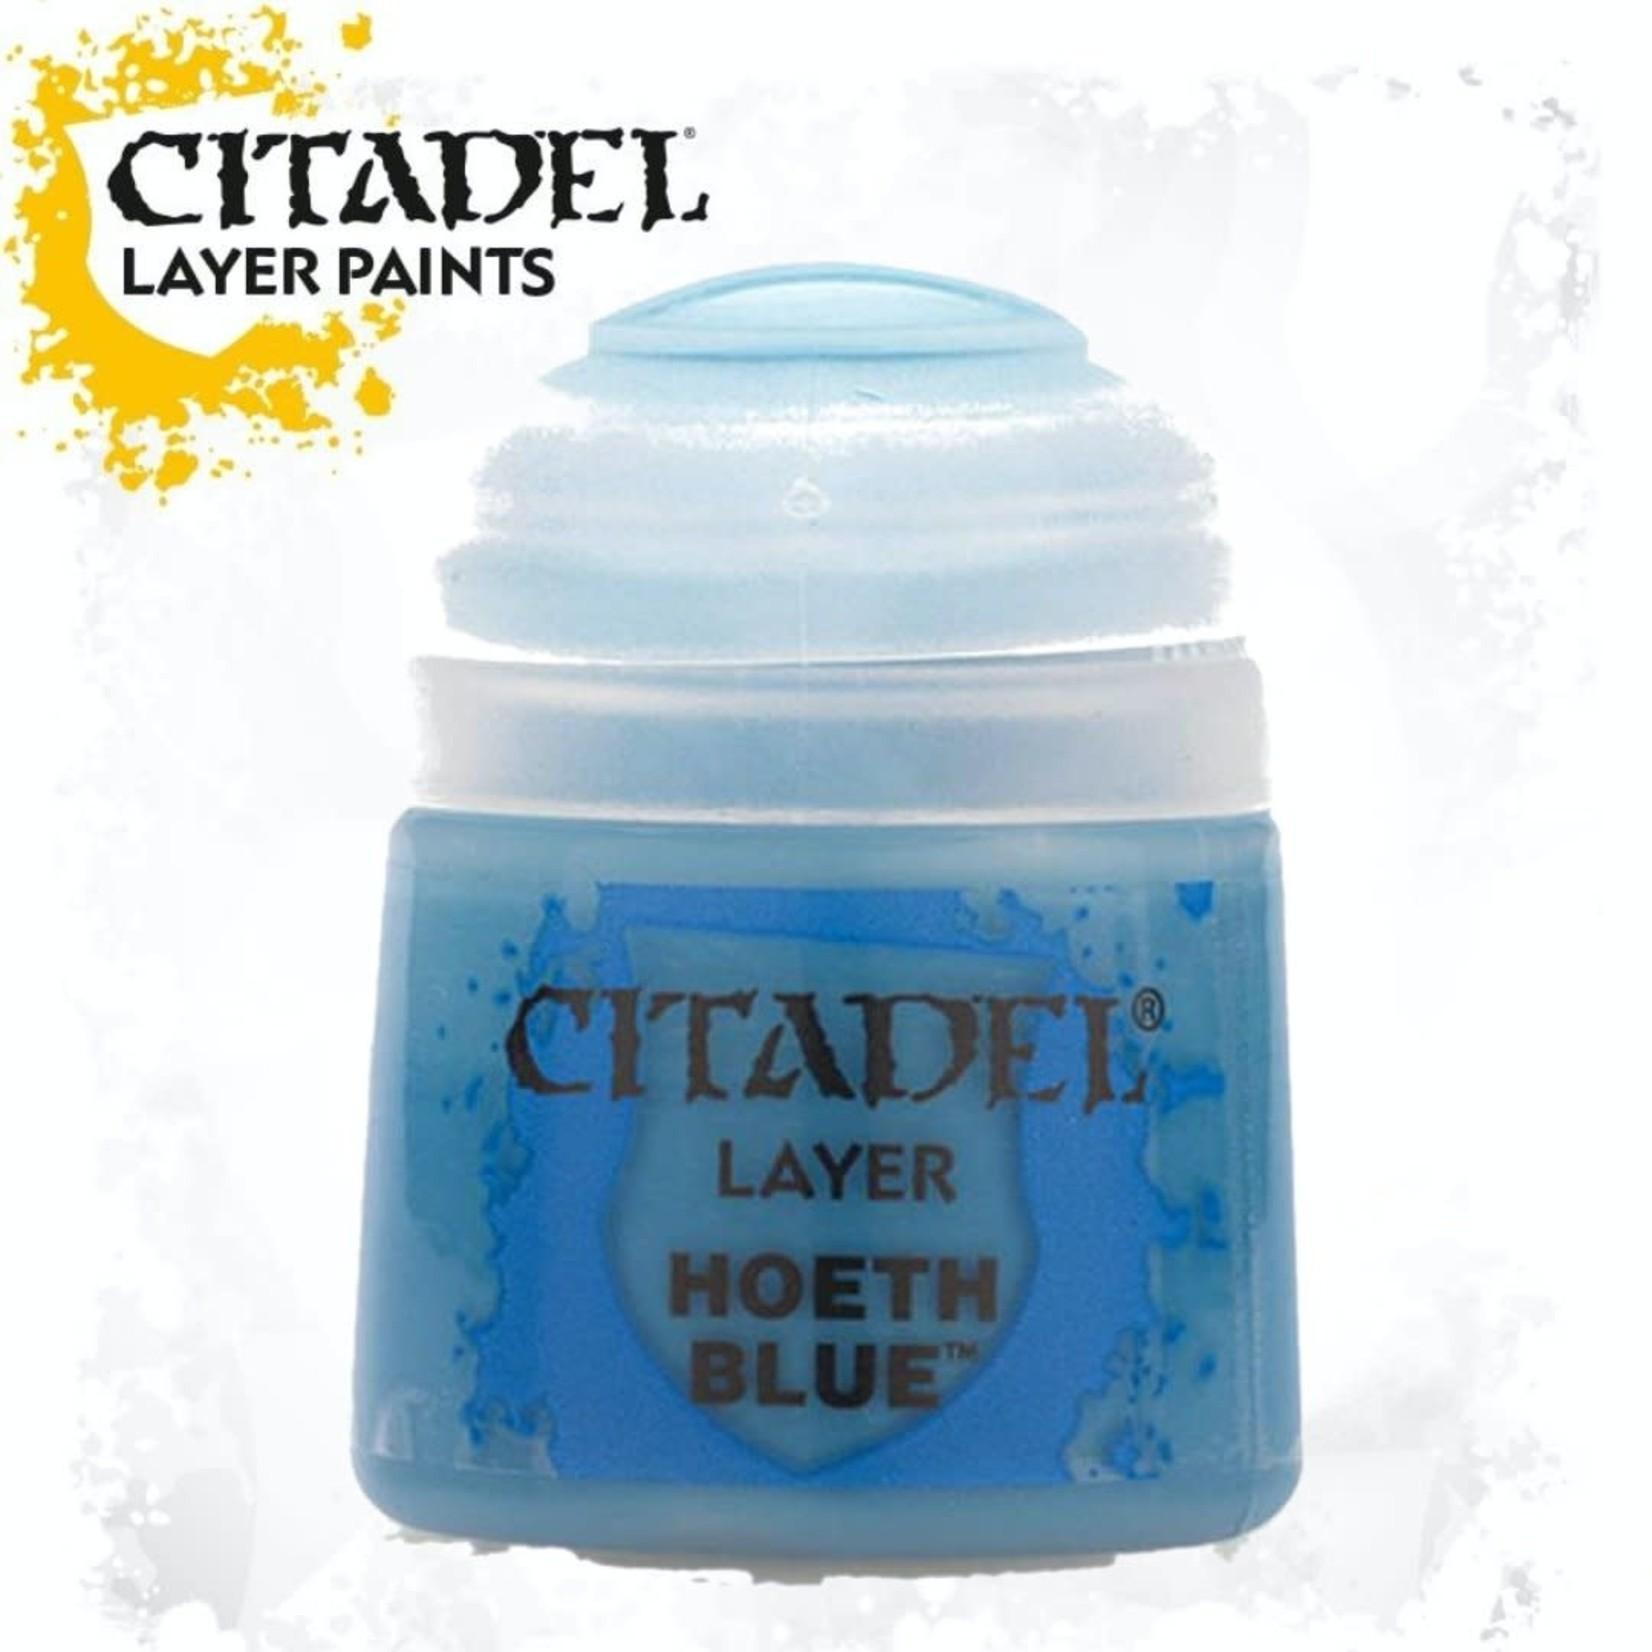 Citadel Citadel Paint - Layer: Hoeth Blue